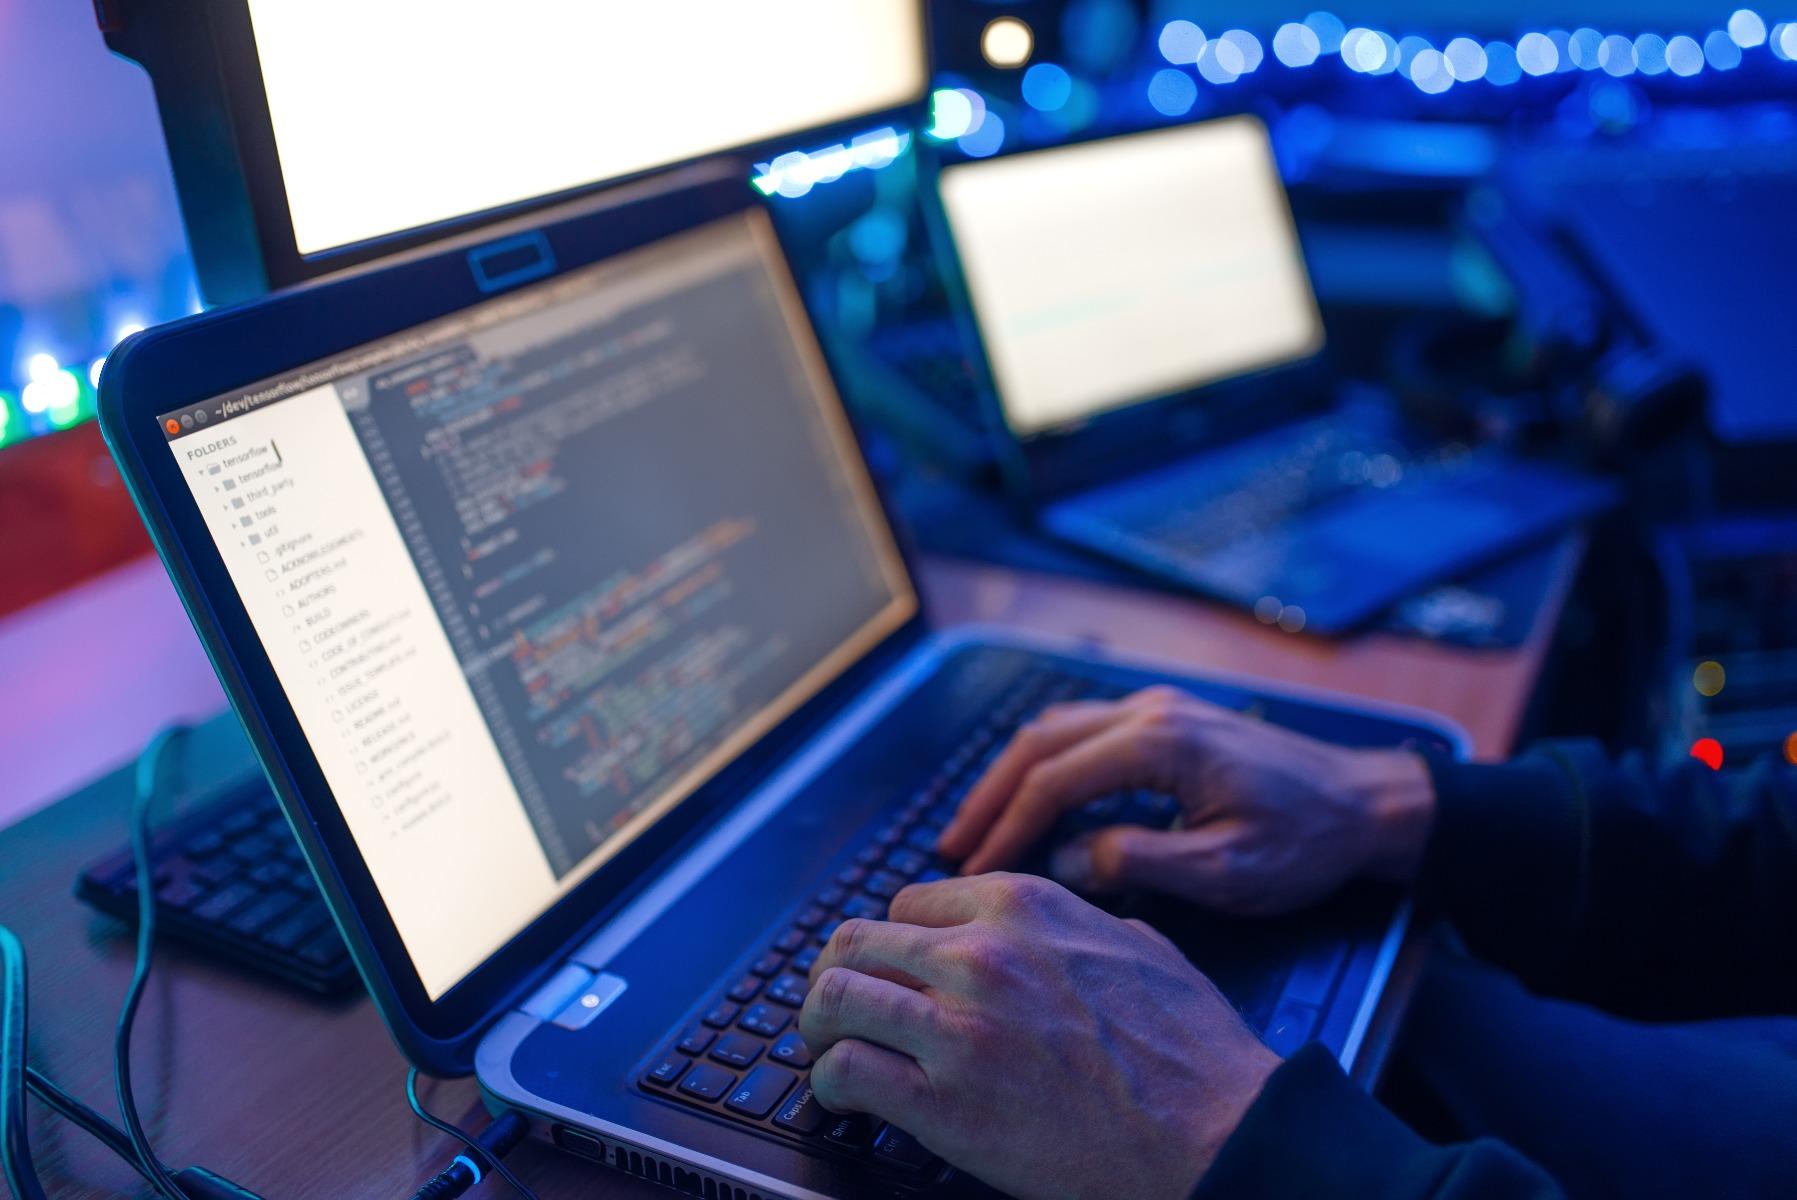 ¿Cuenta tu empresa con un buen servicio de análisis de vulnerabilidades?